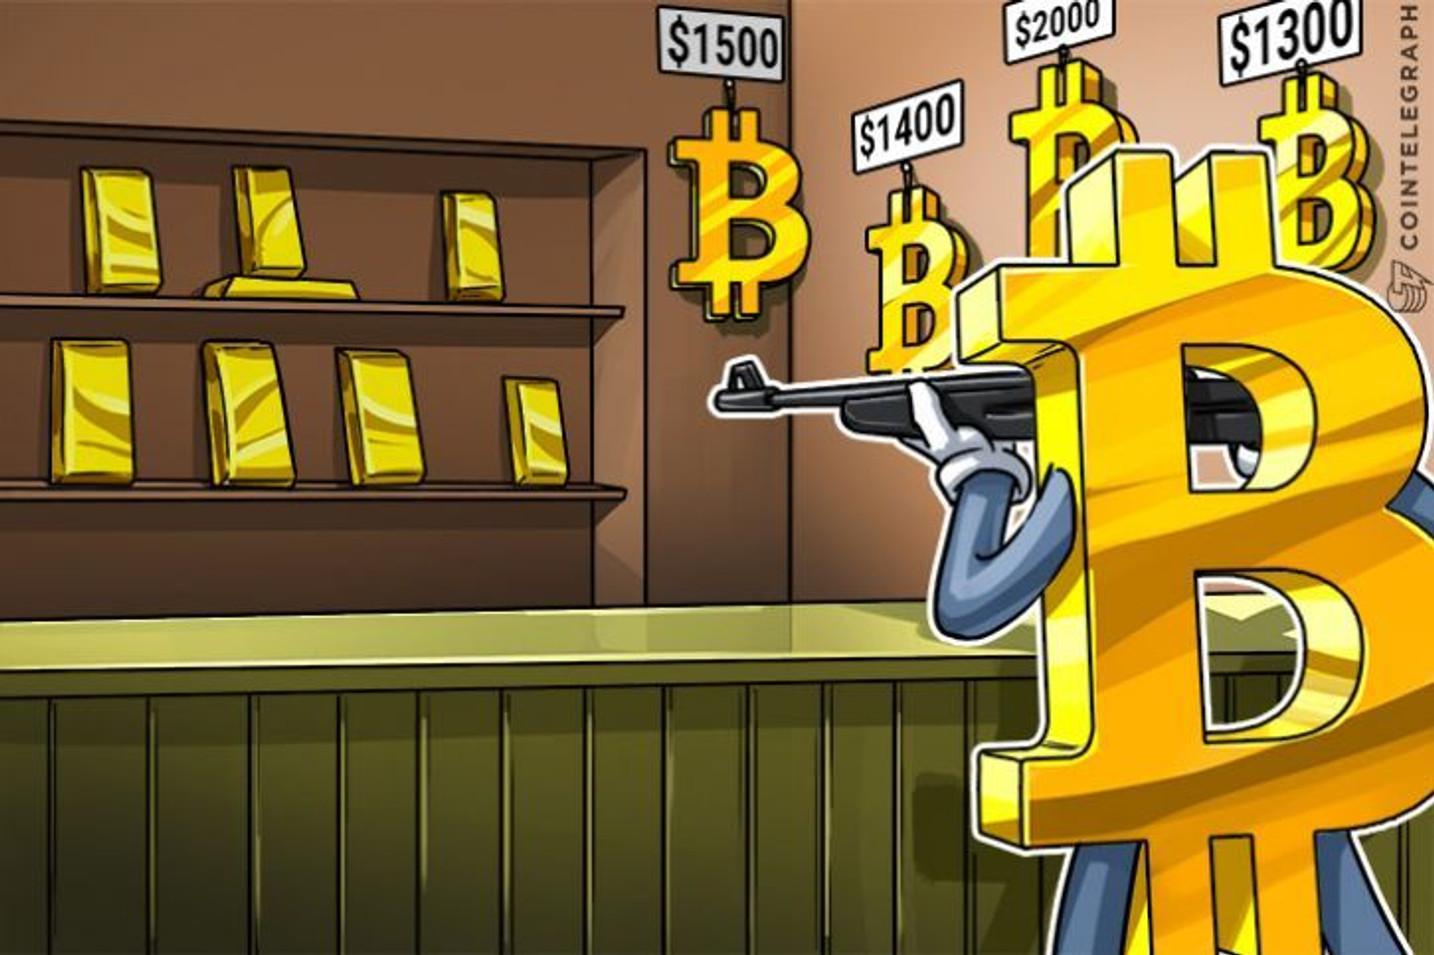 安全資産としての地位を失いつつある金―暗号通貨や金融政策が要因か